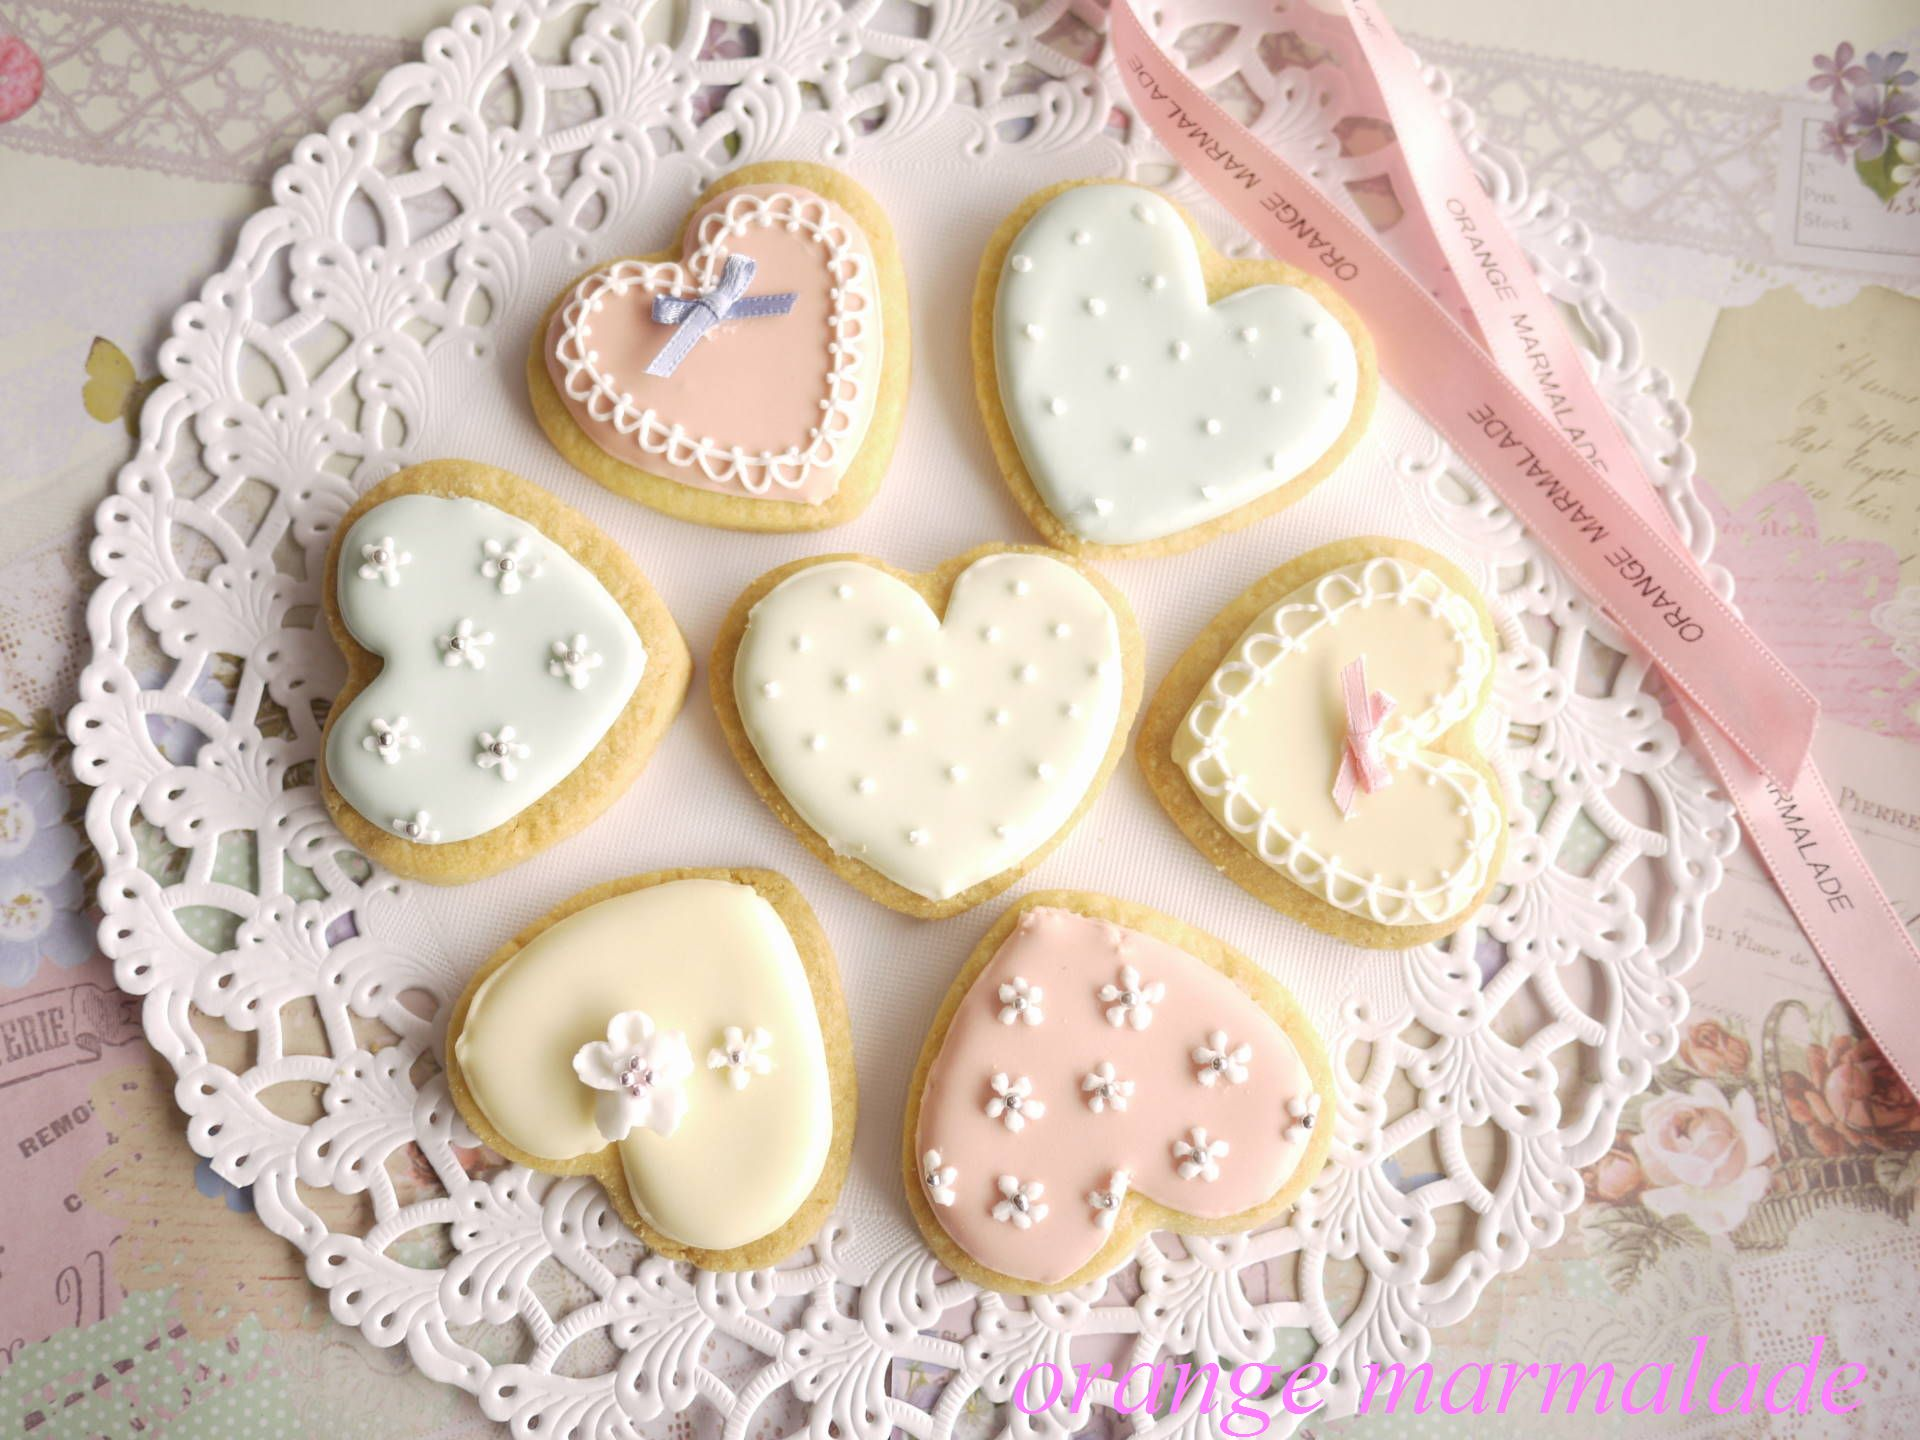 画像 可愛いアイシングクッキースイーツまとめ Naver まとめ